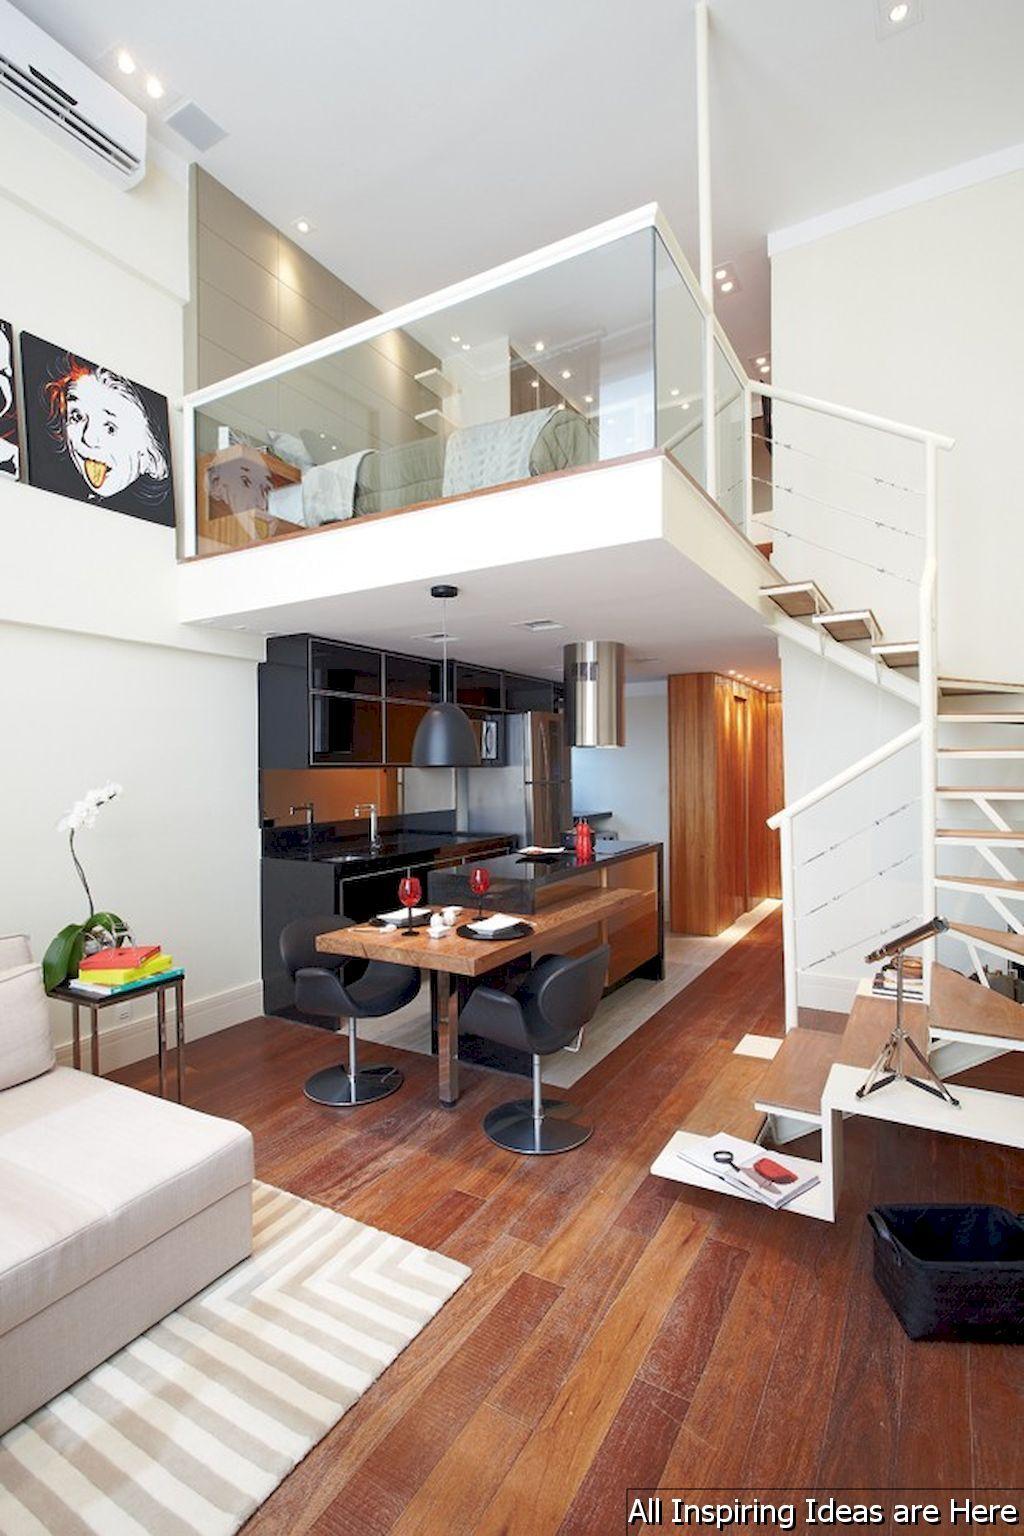 Loft Bedroom Design Ideas 50 Interesting Small Loft Bedroom Design Ideas  Small Loft